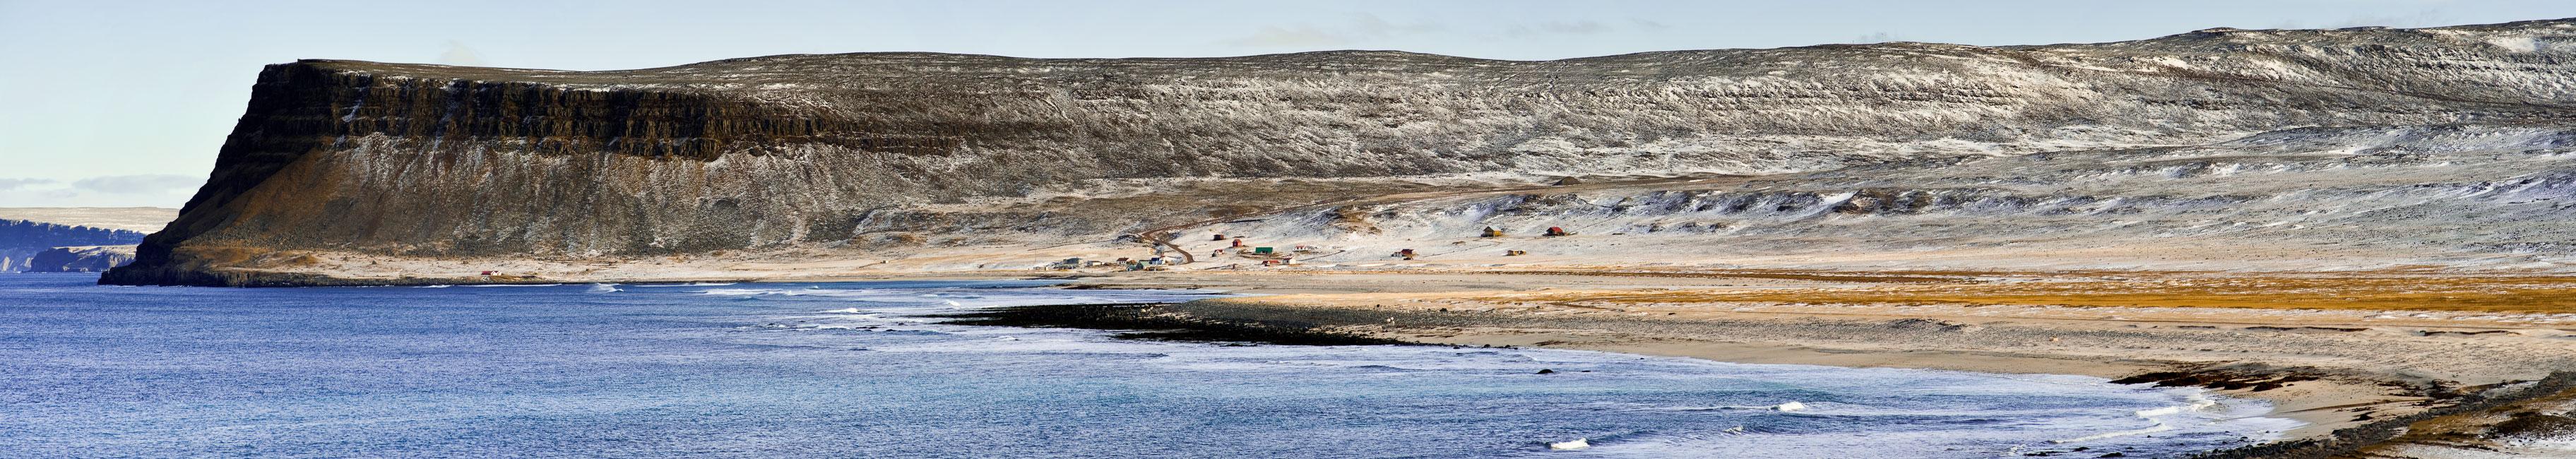 Fúlavík